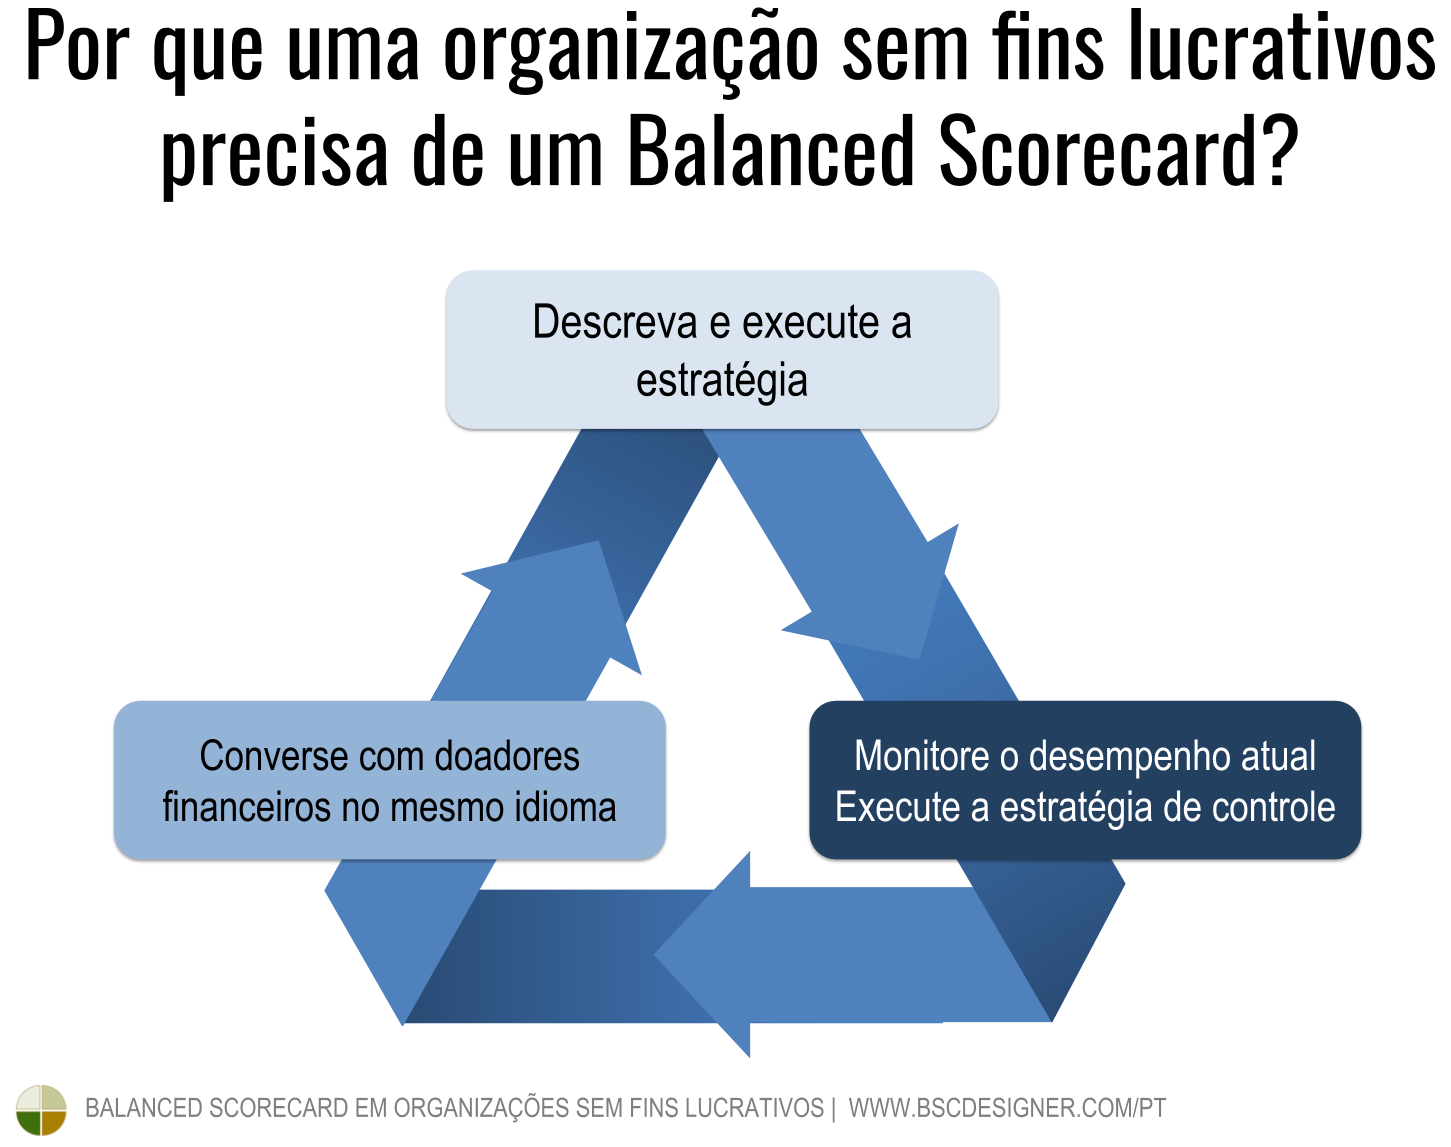 Por que uma organização sem fins lucrativos precisa de um Balanced Scorecard